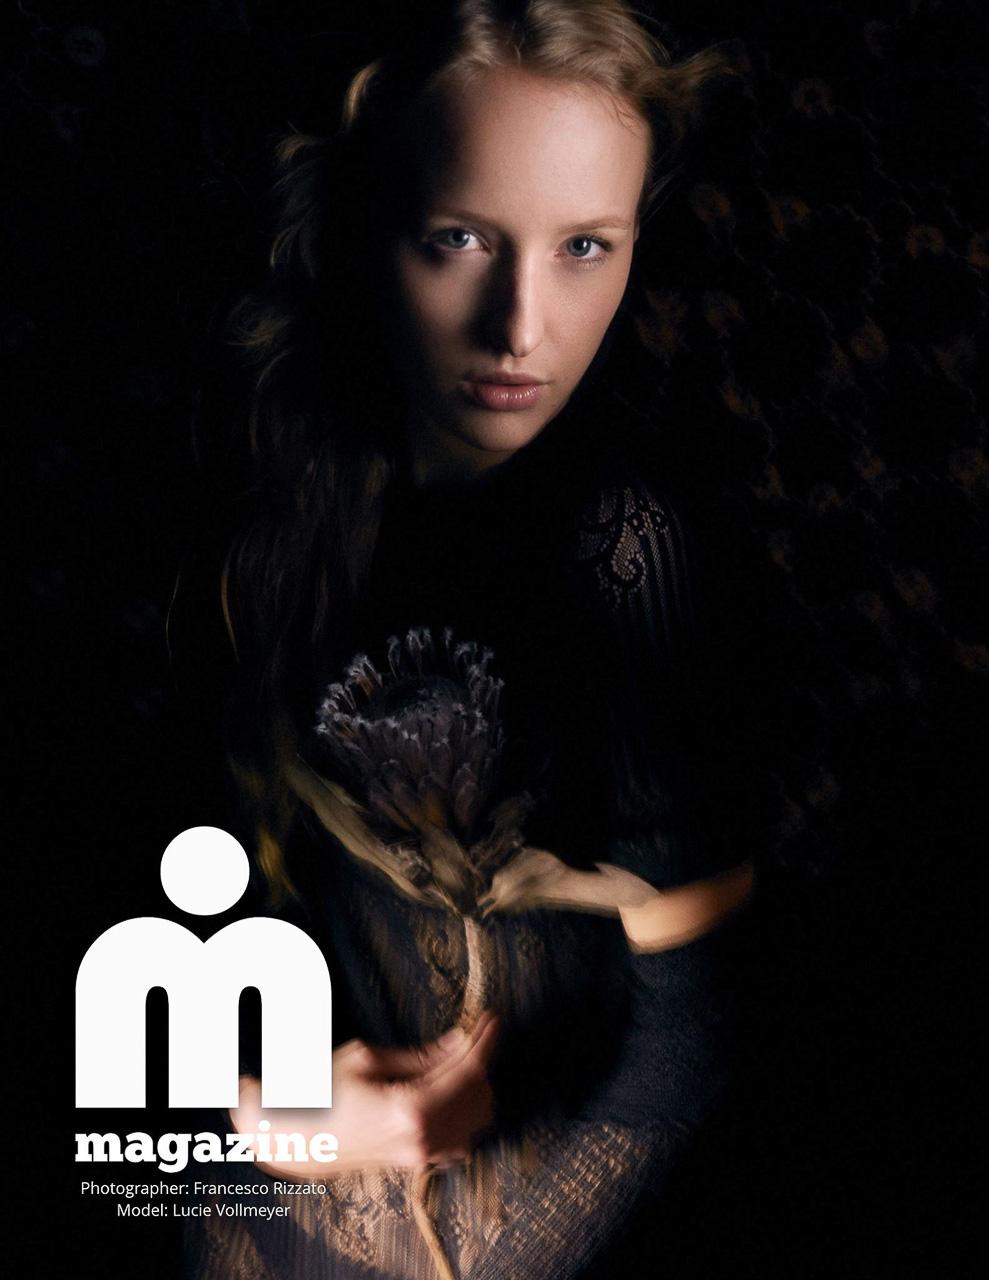 München Fashion Portrait Model Editorial